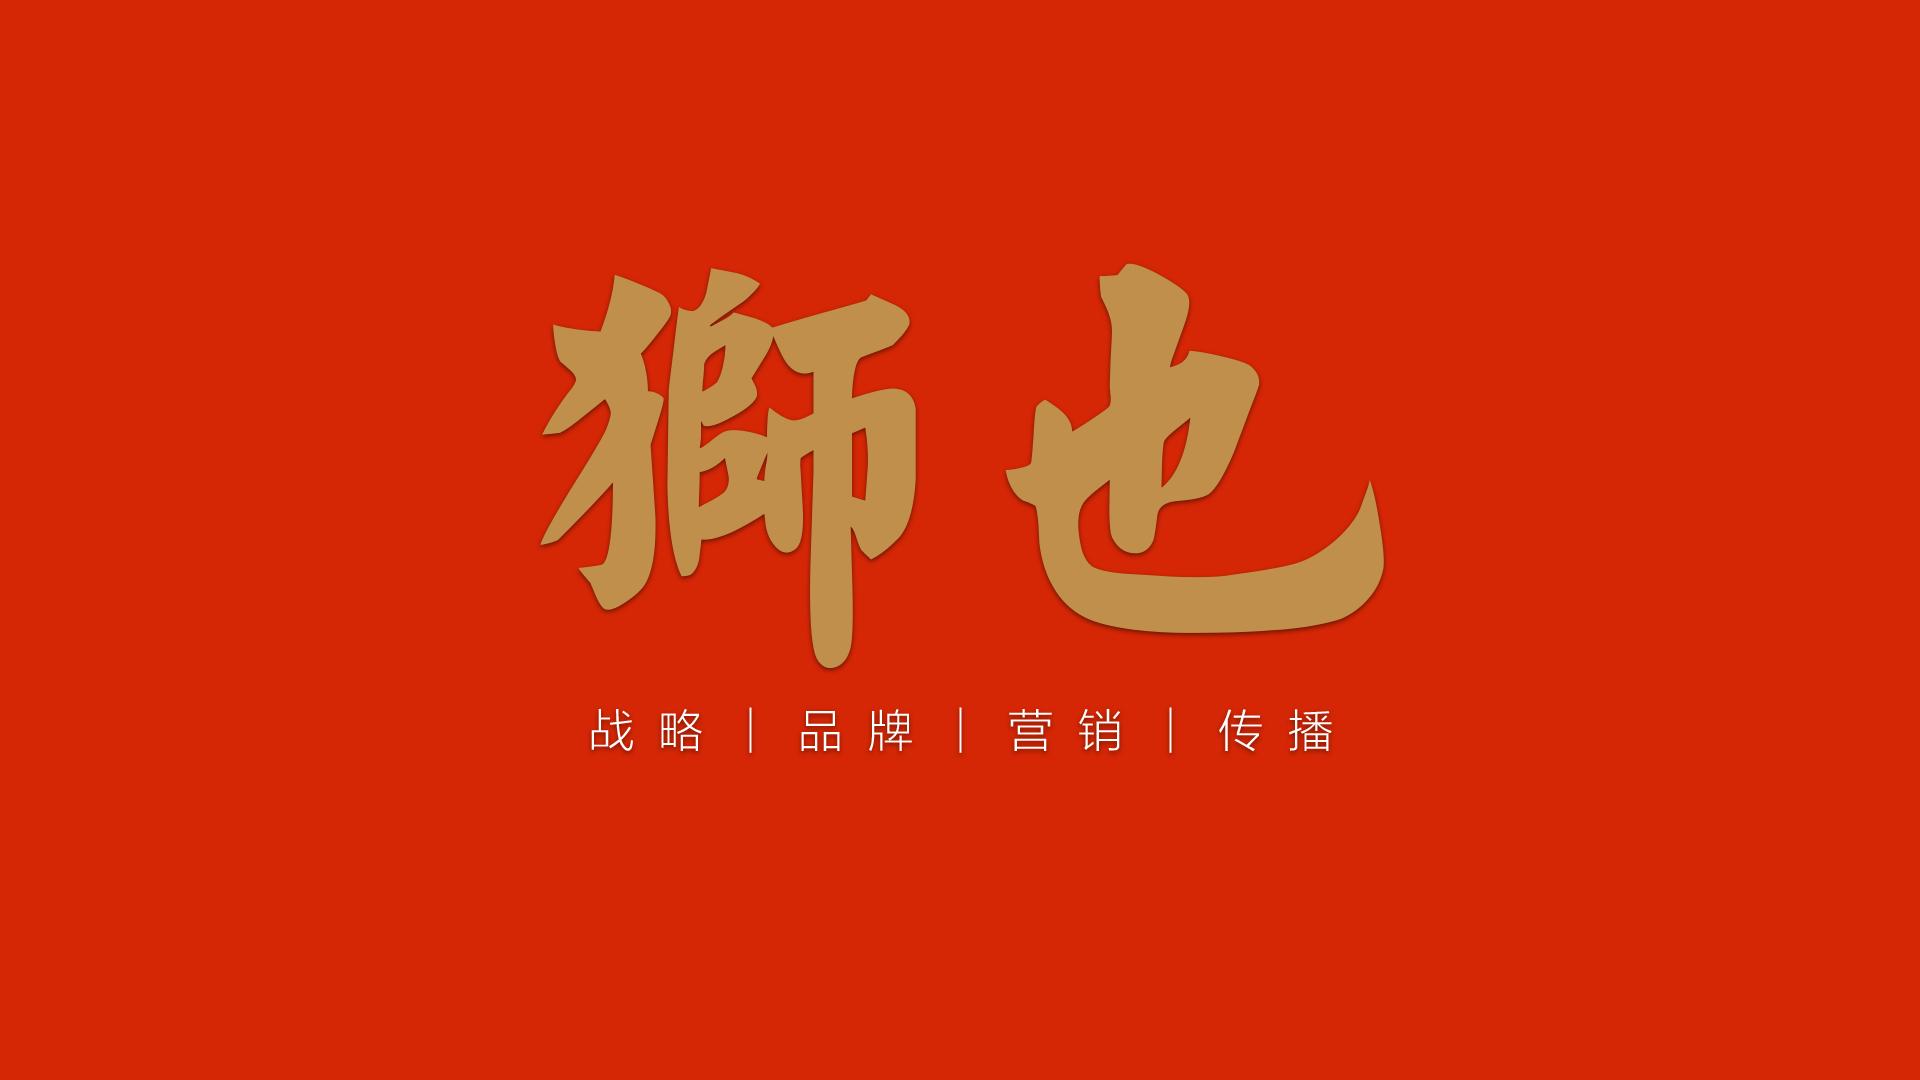 七夕情人节 品牌营销创意大盘点—山东济南狮也战略品牌营销策划咨询顾问公司